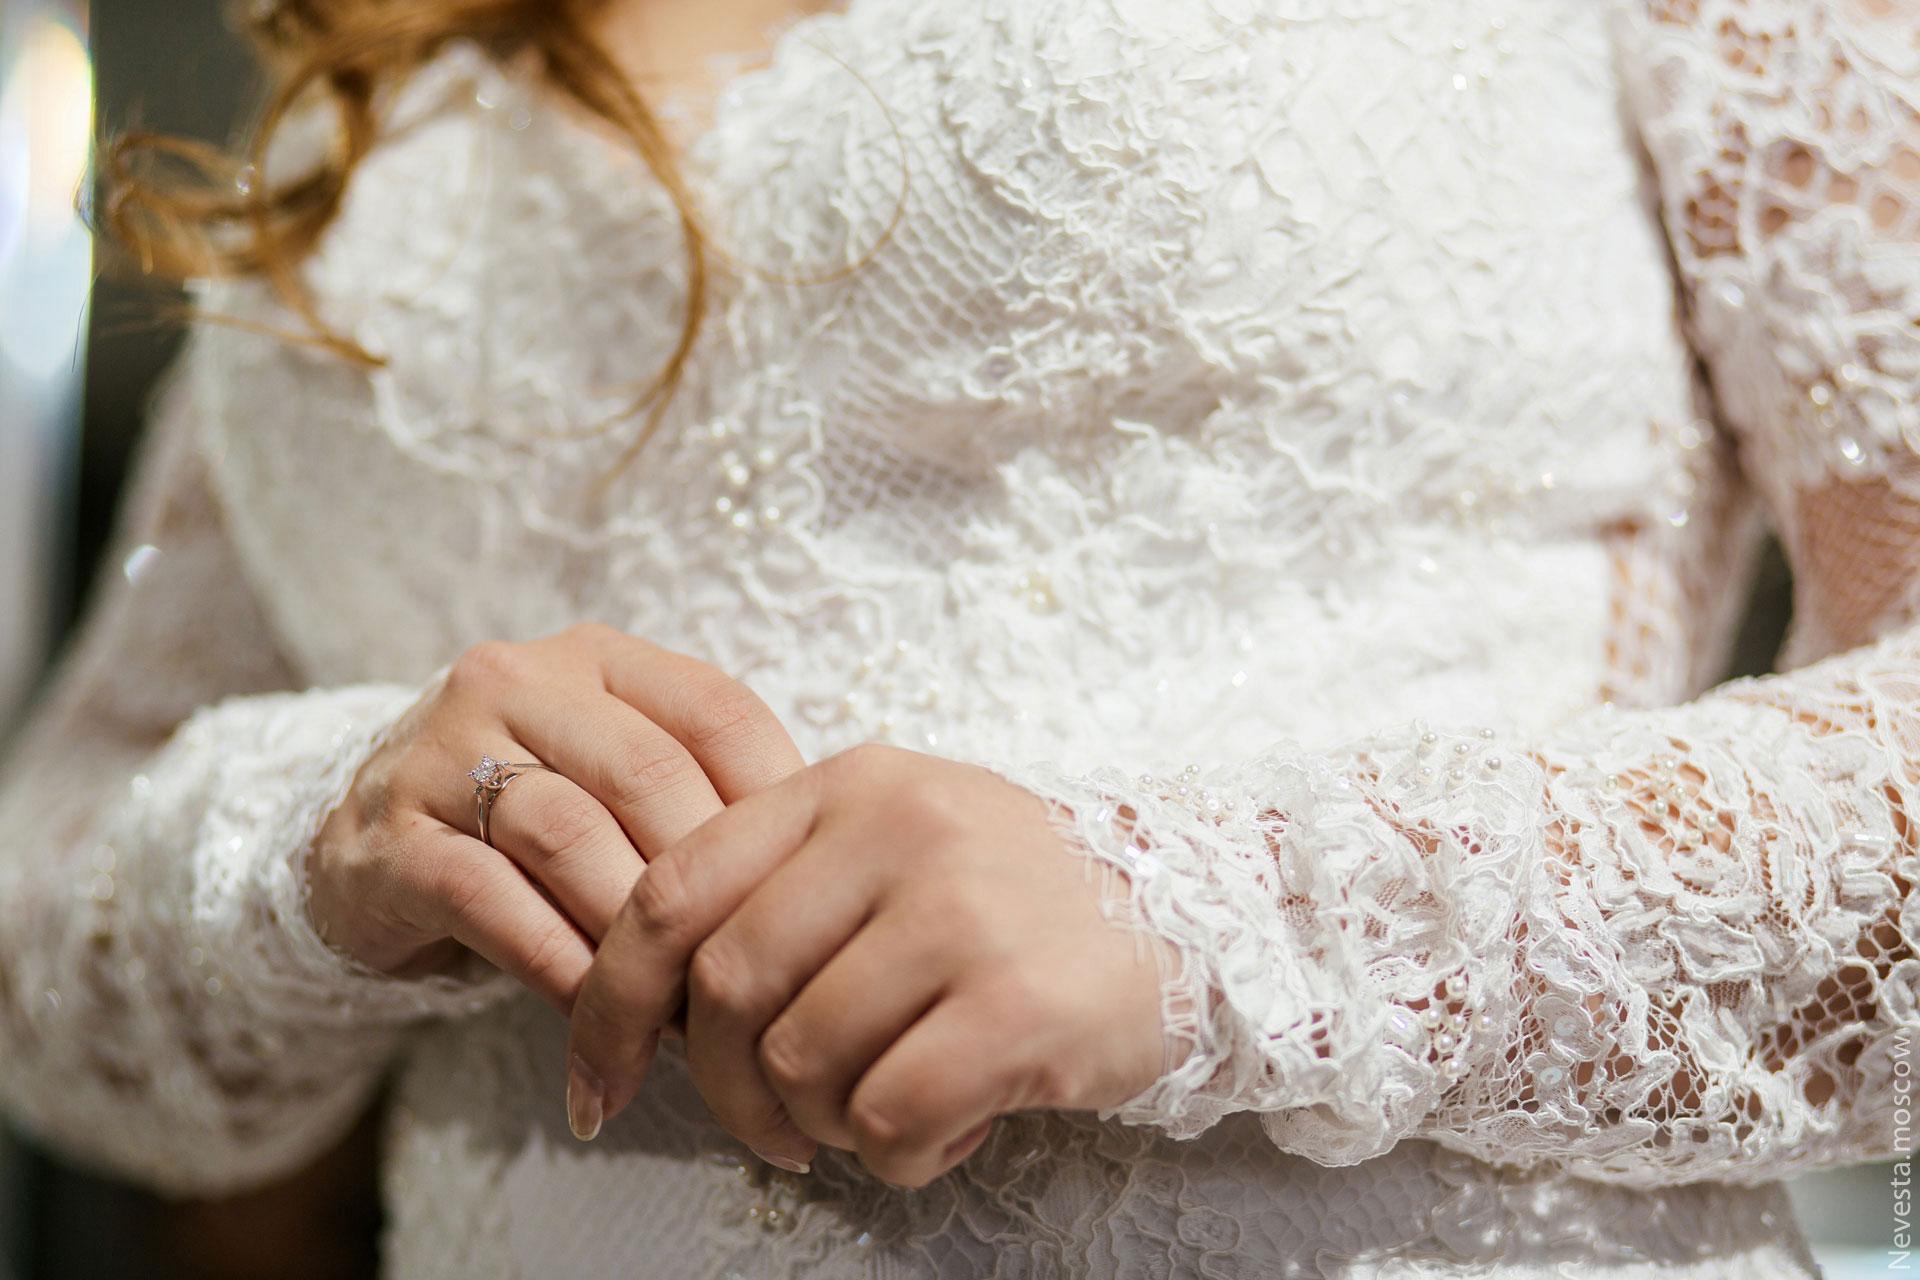 Анастасия Денисова выбирает образ для своей свадьбы фото 14